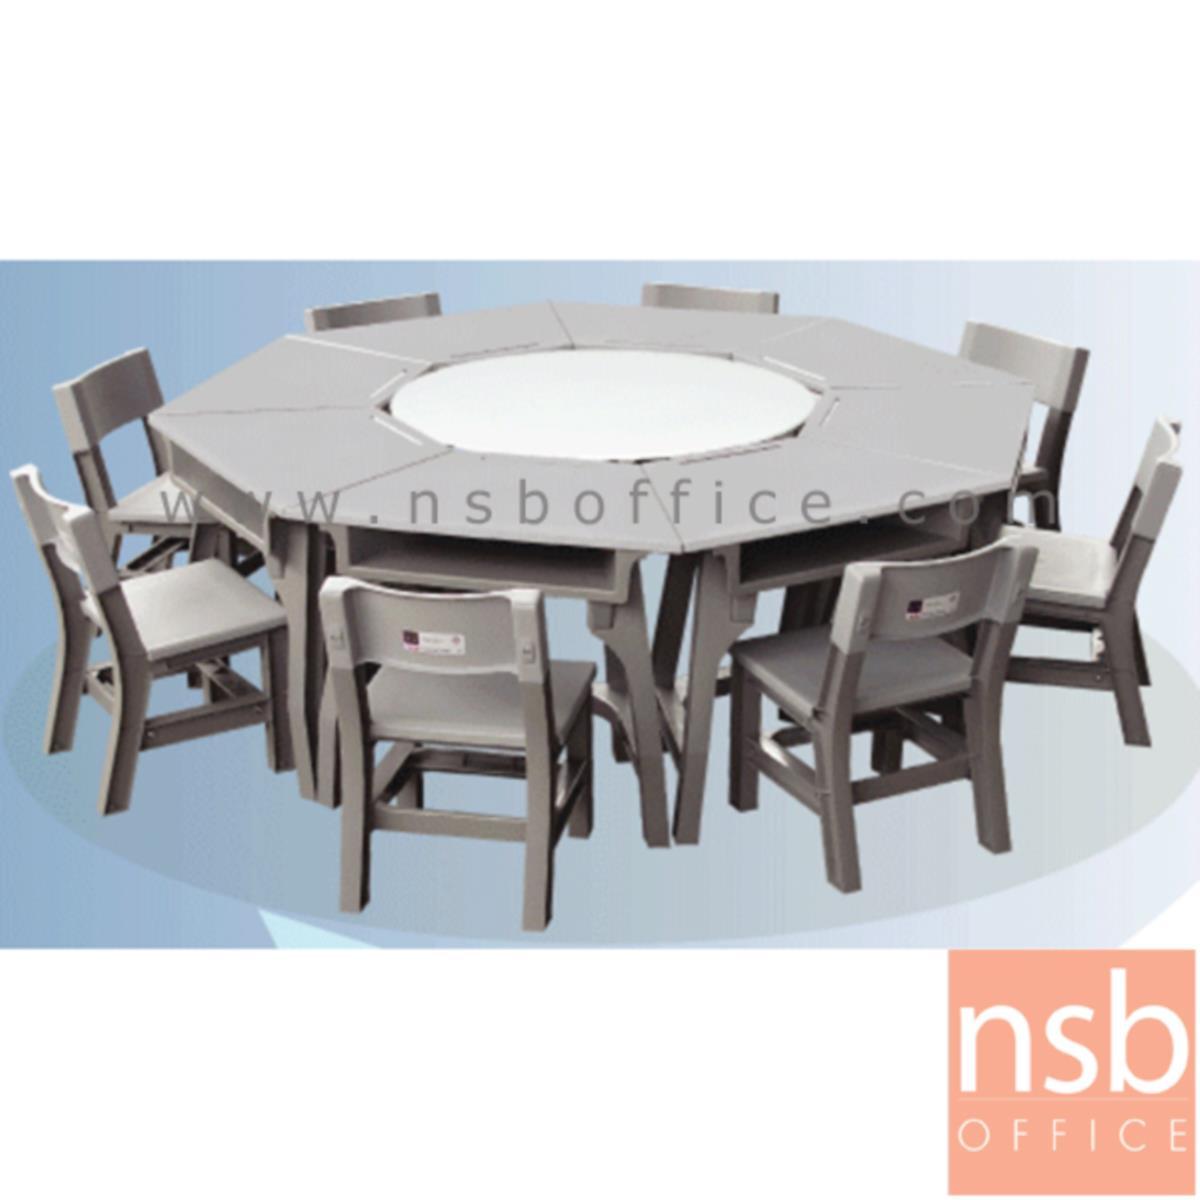 ชุดโต๊ะและเก้าอี้นักเรียน รุ่น Almond (อัลมอนด์)  ระดับชั้นประถม ขาพลาสติก